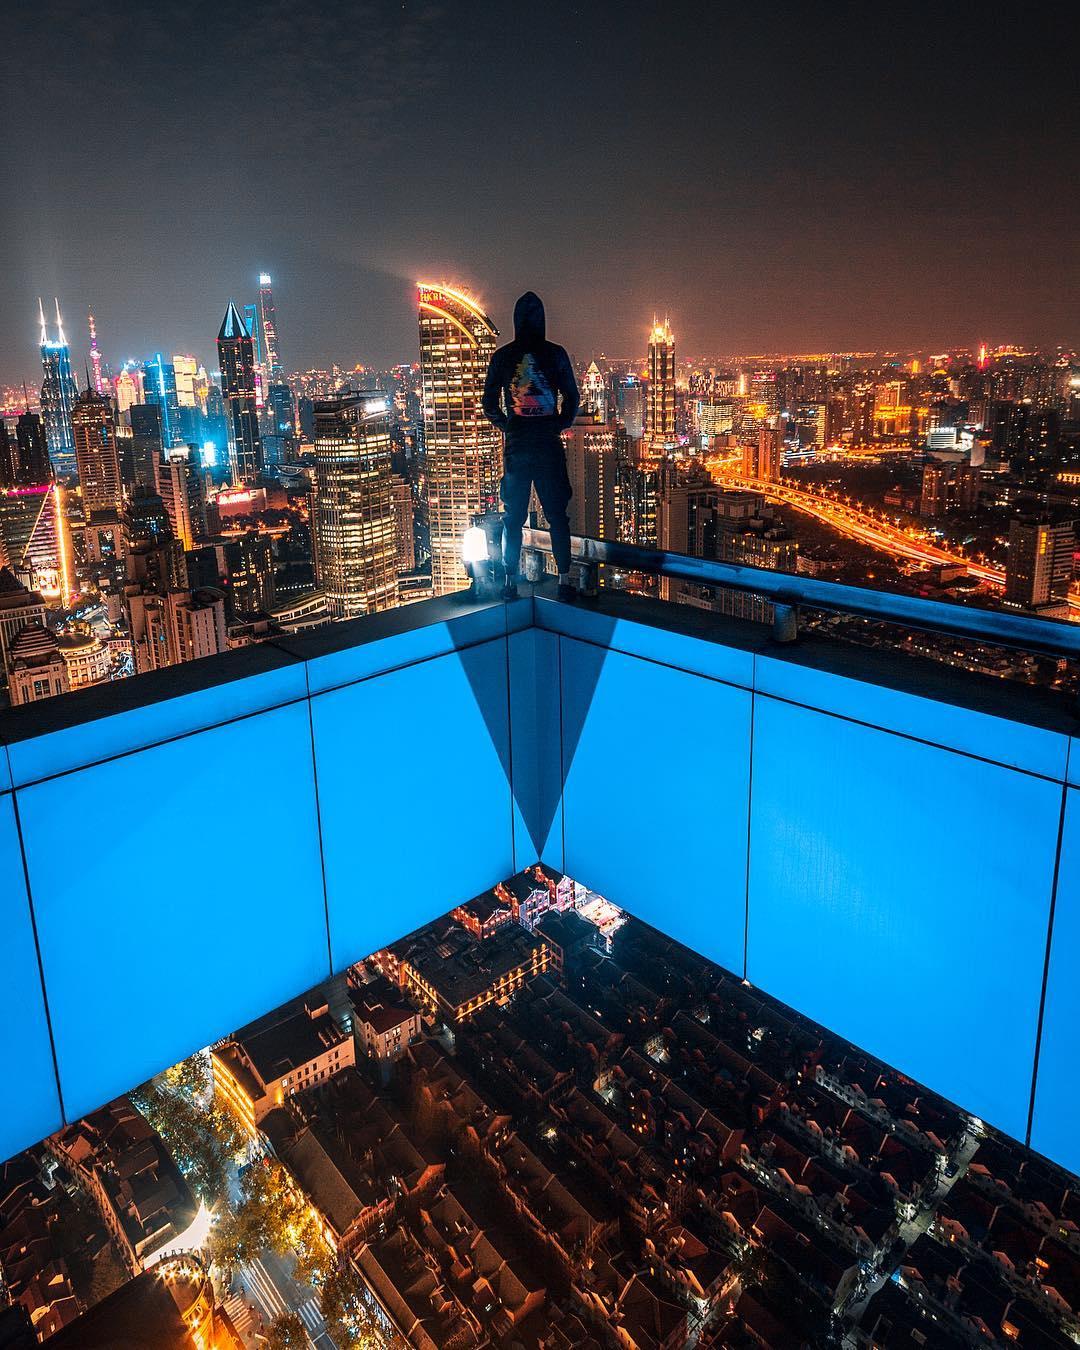 Ночные улицы китайских городов на снимках Виктора Чанга (25 фото)